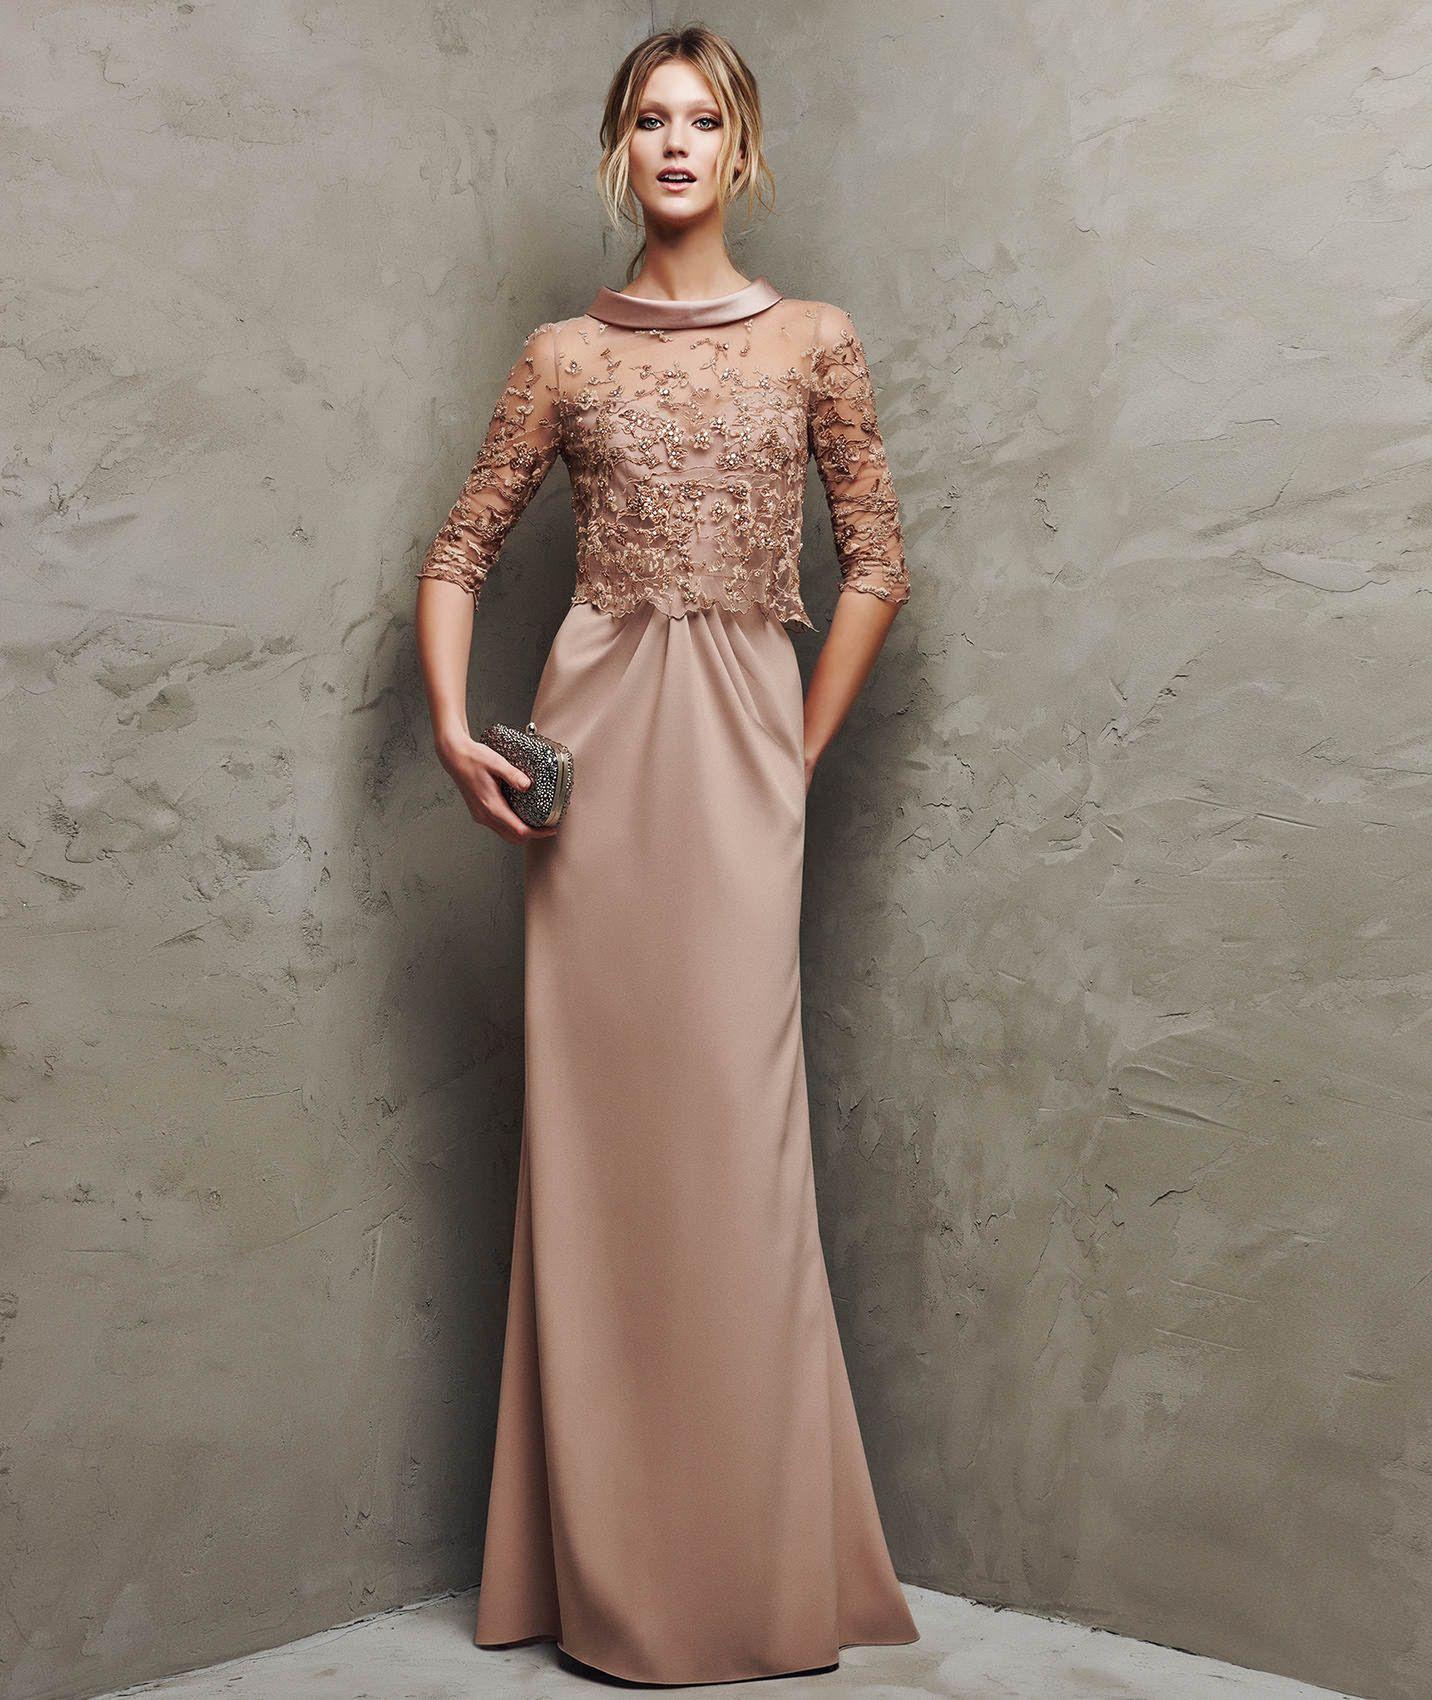 LASARA Vestido de fiesta 2016 | Pronovias | Pronovias